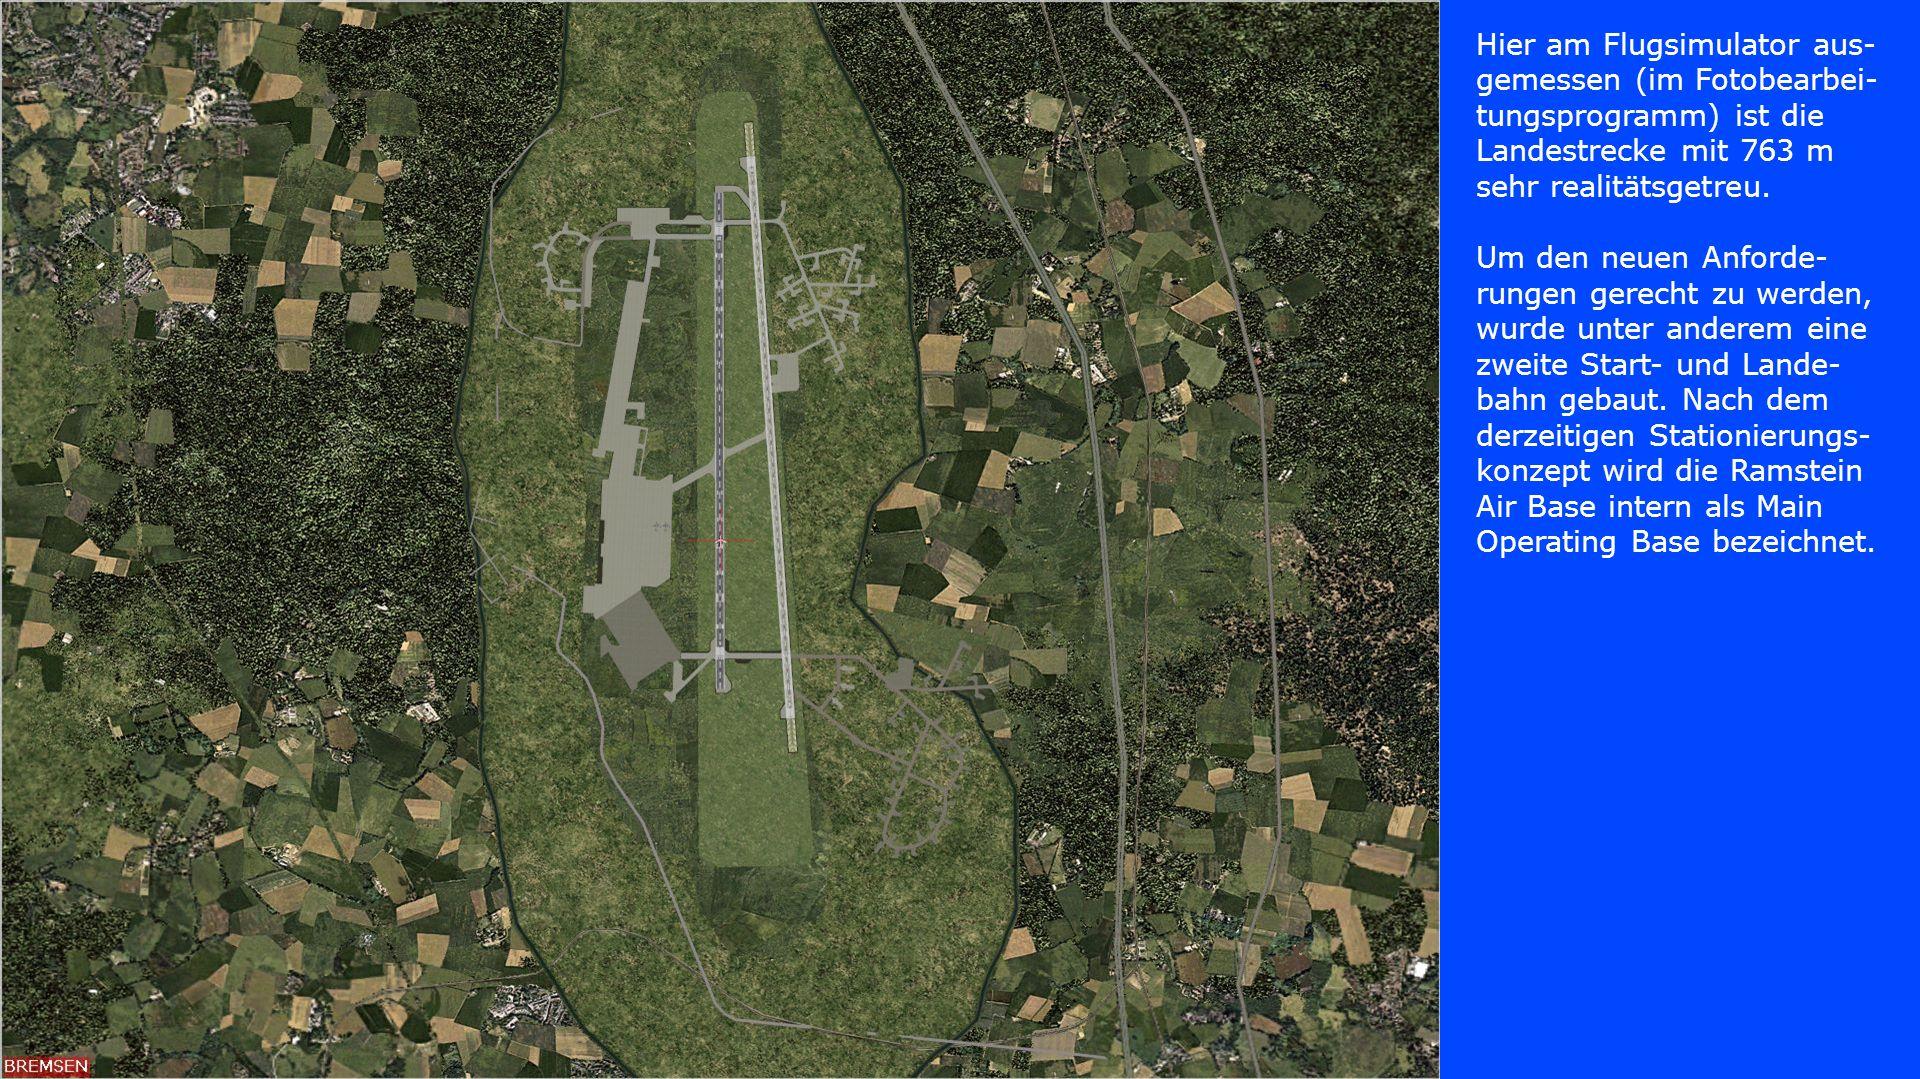 Hier am Flugsimulator aus- gemessen (im Fotobearbei- tungsprogramm) ist die Landestrecke mit 763 m sehr realitätsgetreu. Um den neuen Anforde- rungen